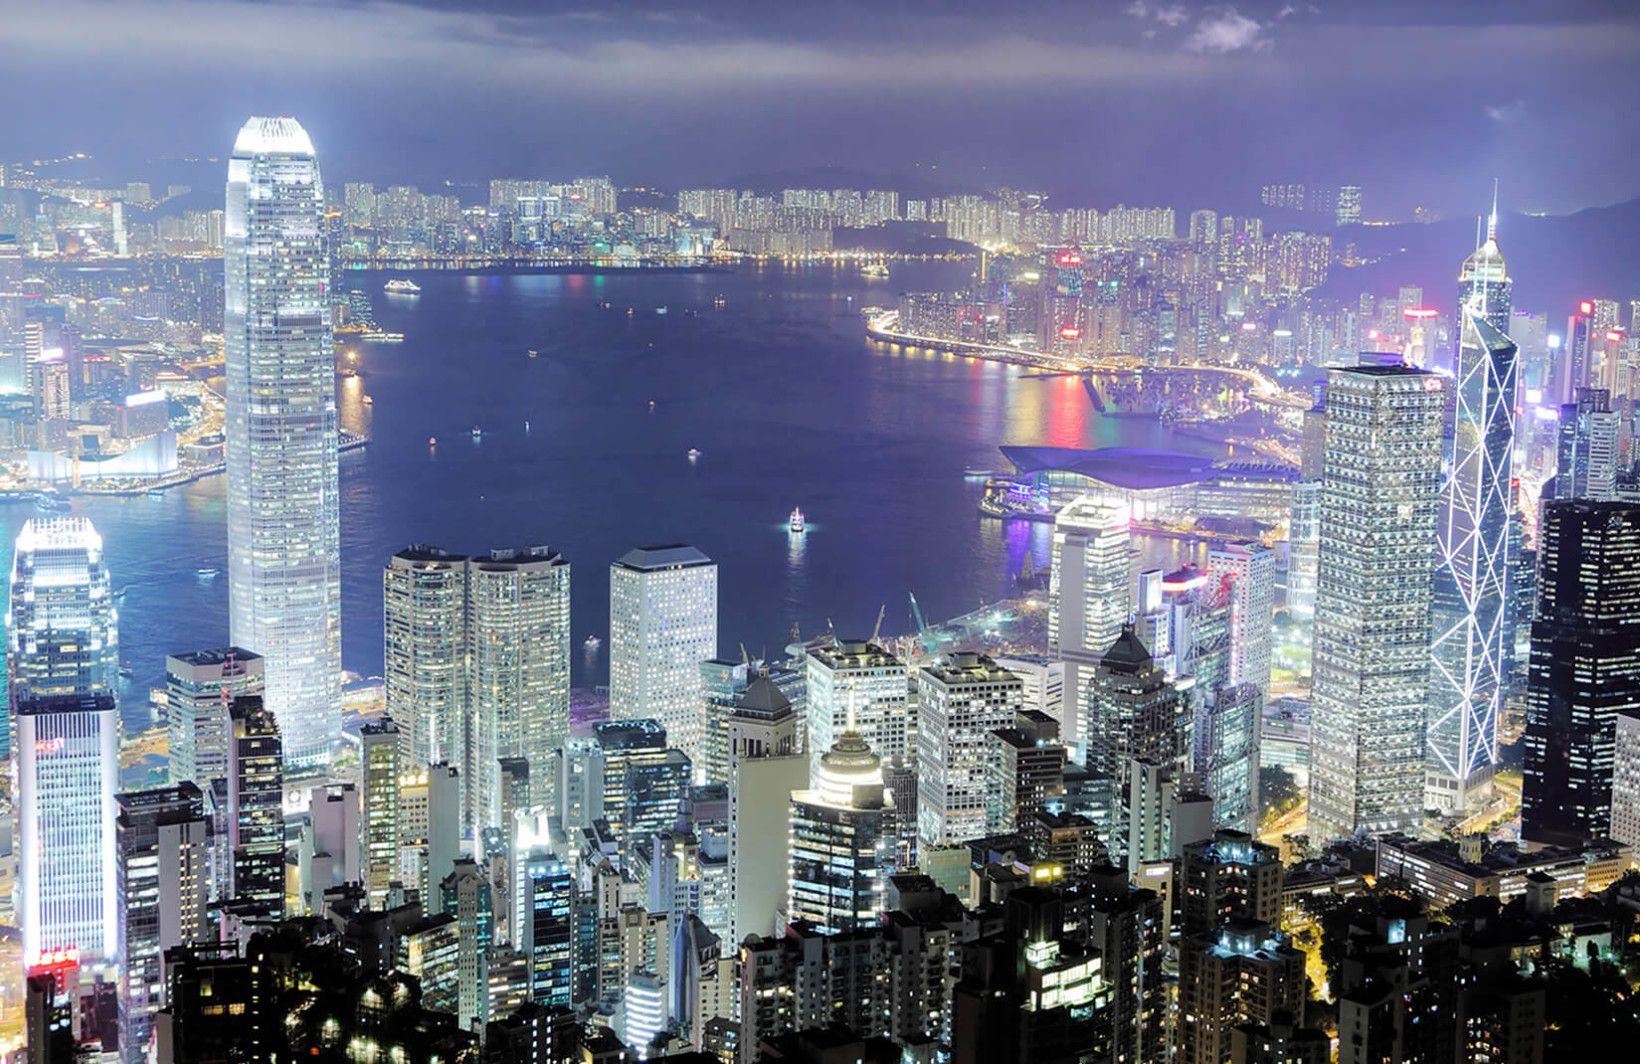 Hong Kong Lights Wallpaper Mural Mural wallpaper, View